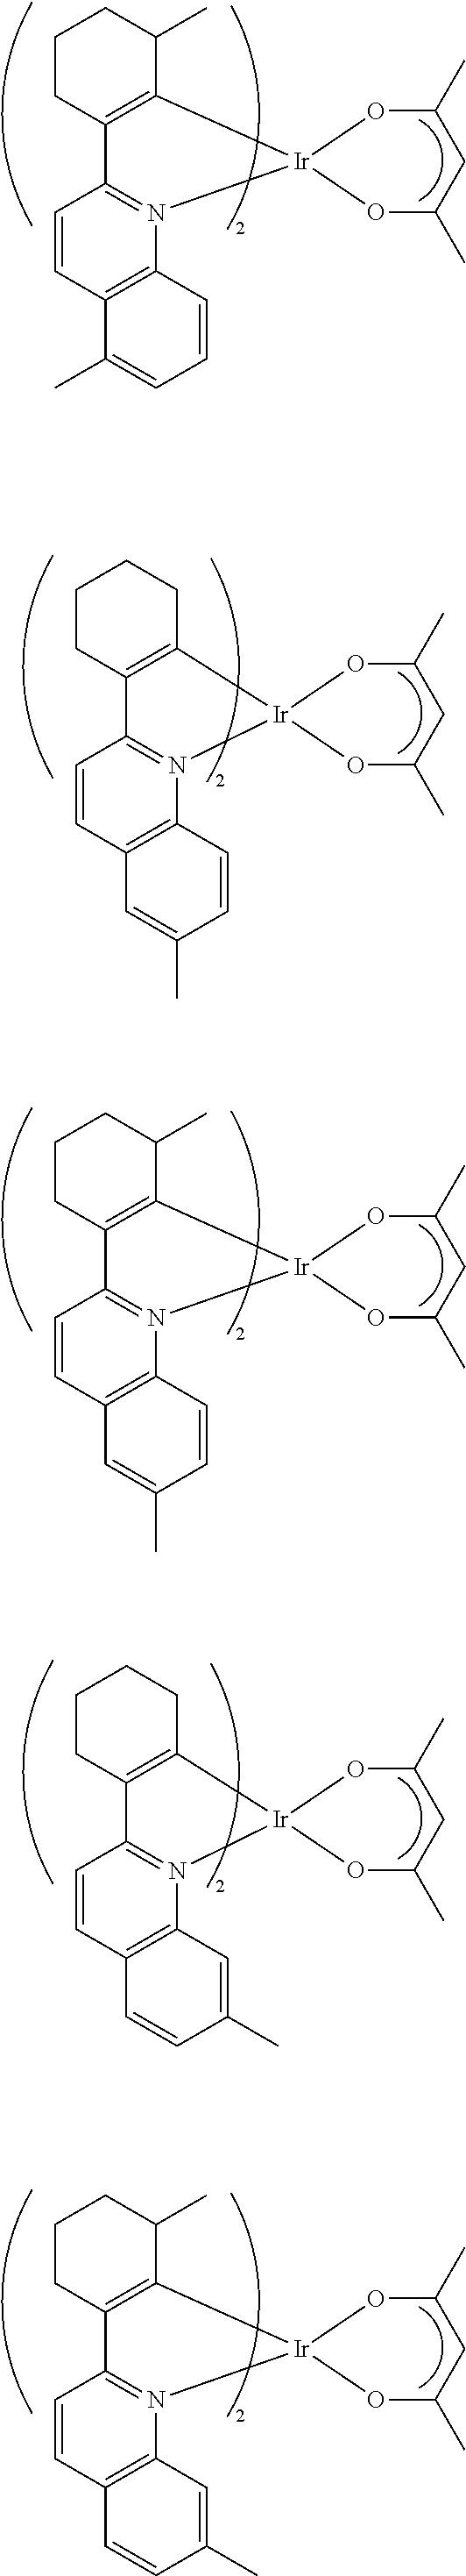 Figure US09324958-20160426-C00060